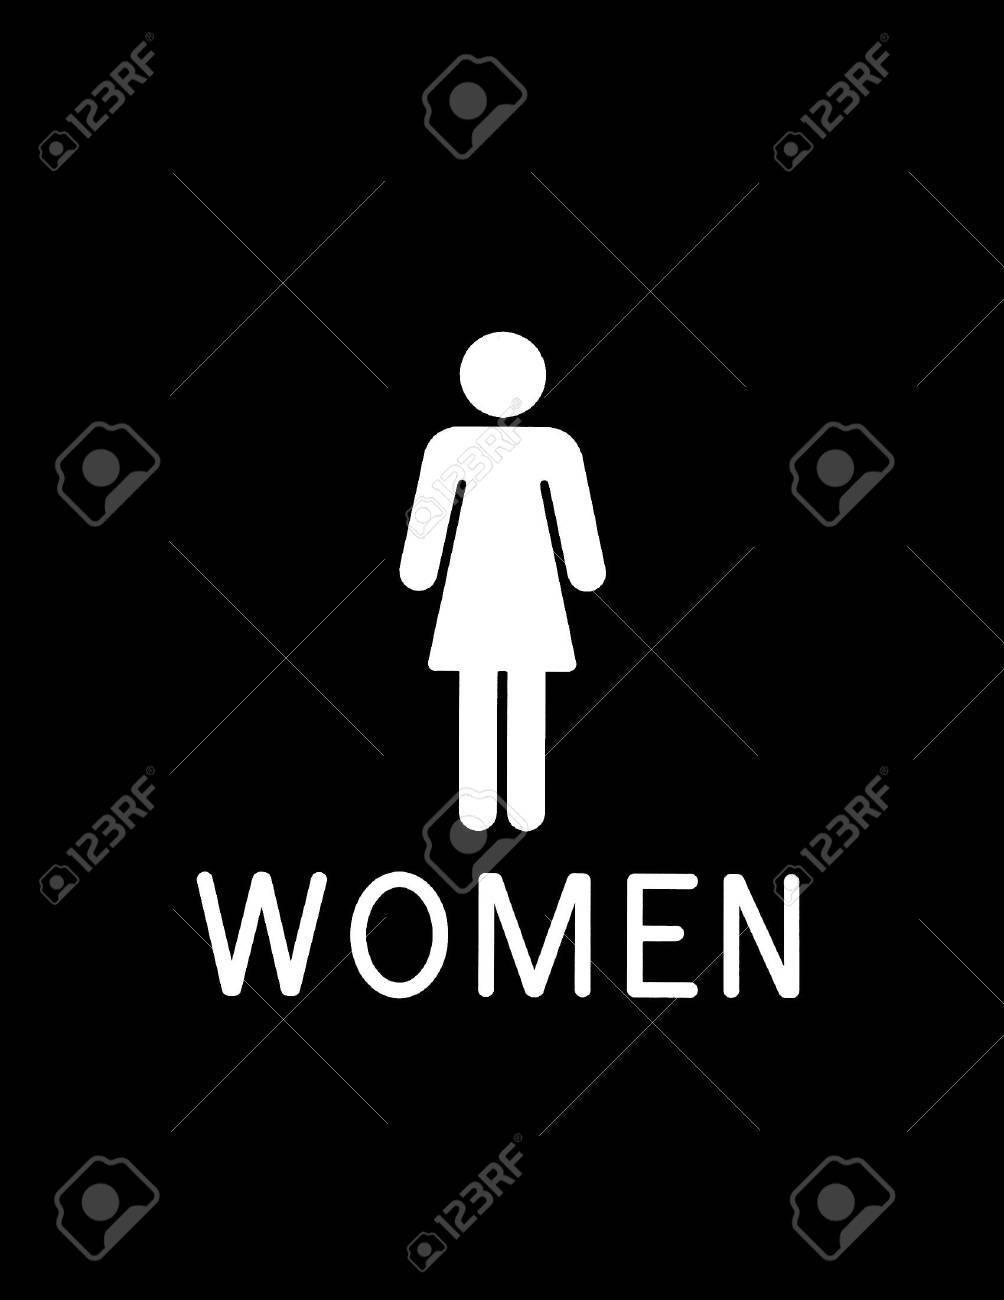 Schwarz Weiß Bad Zeichen Für Die Frauen Standard Bild   615047